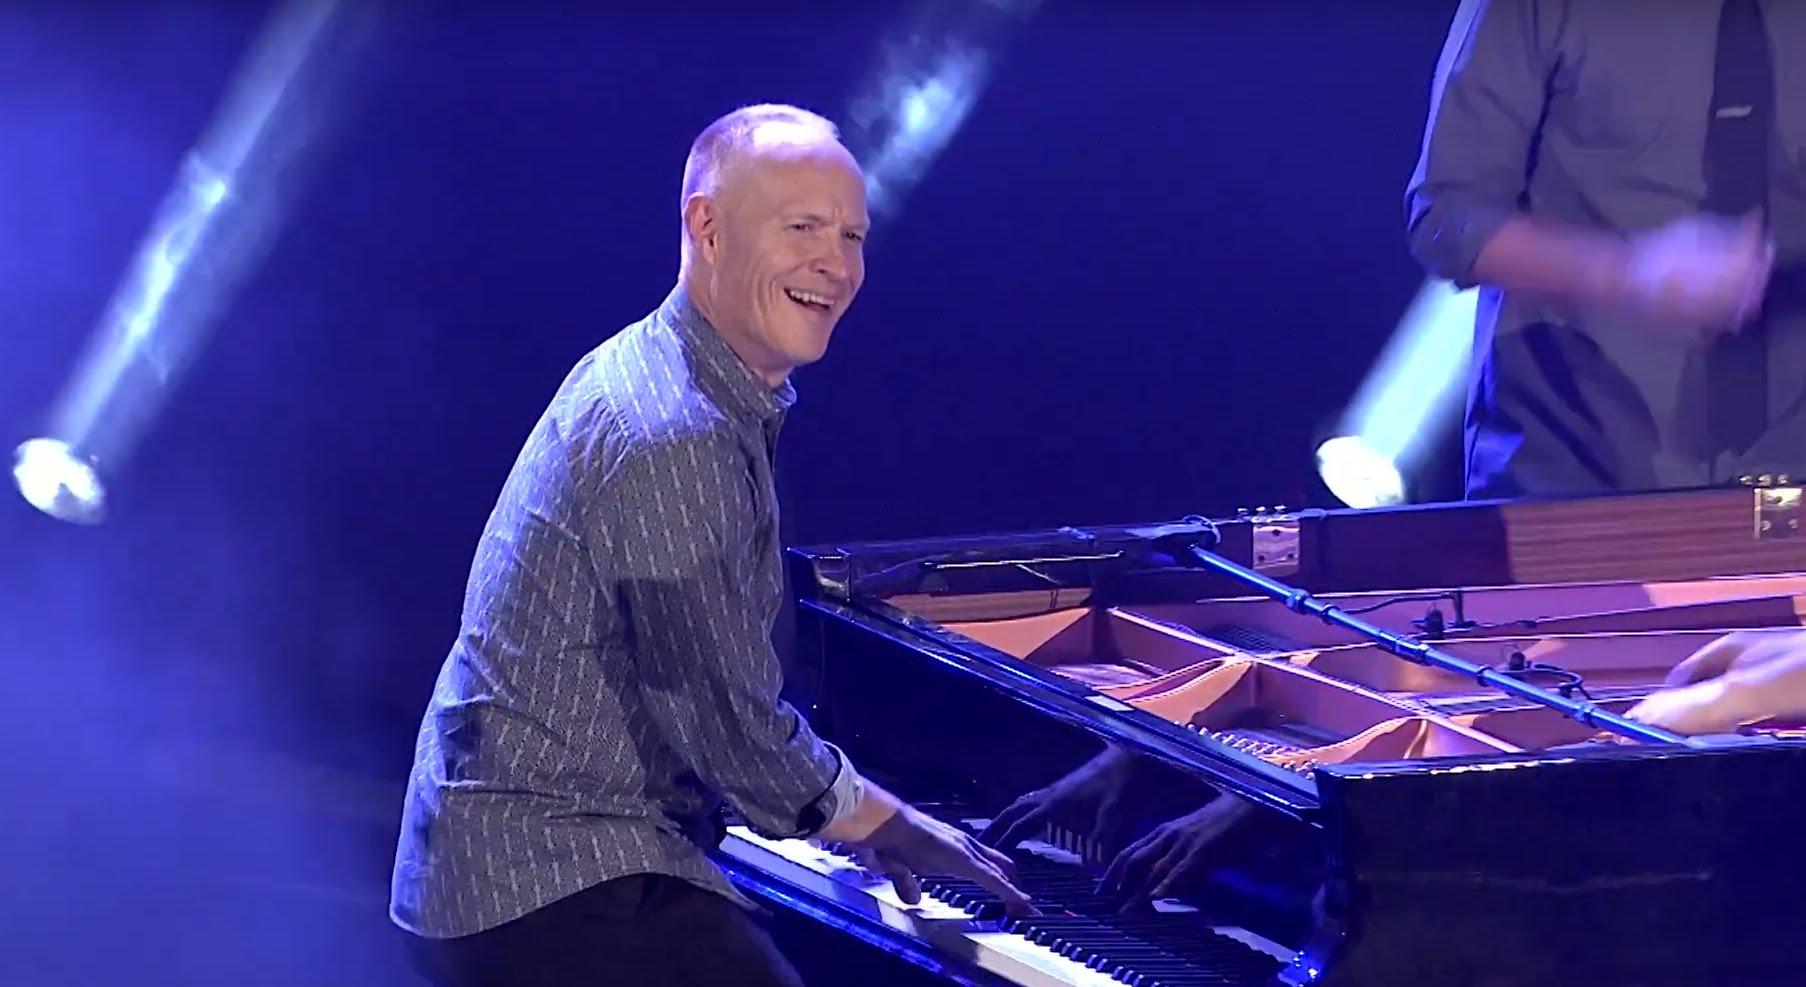 The Piano Guys will head to the Arlington Theatre in Santa Barbara in March